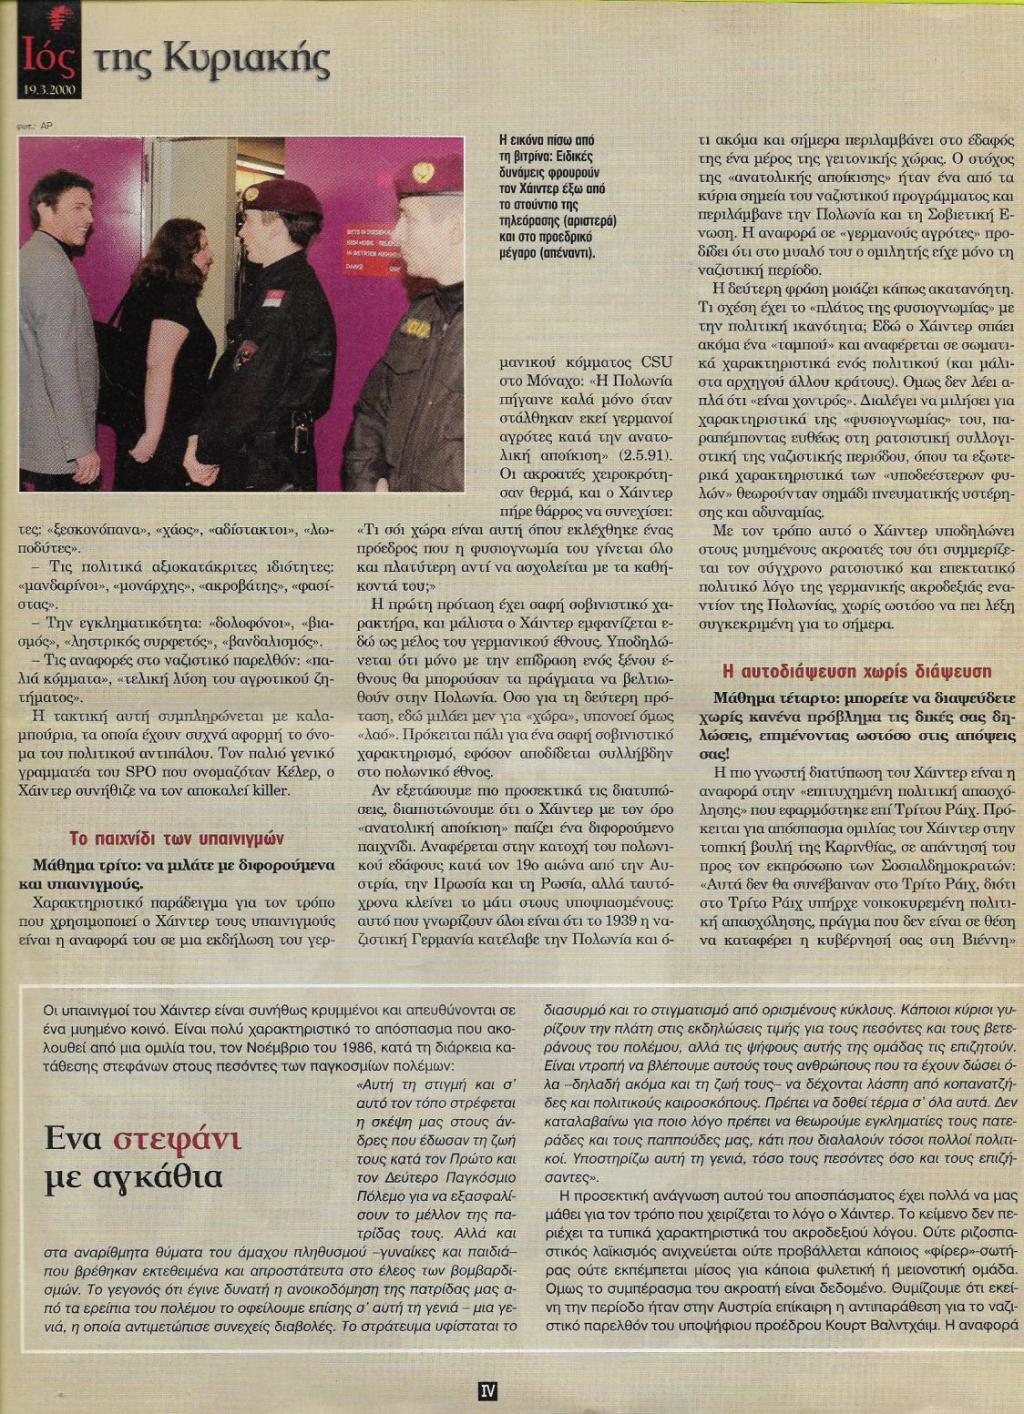 2000-03-19-ΕΨΙΛΟΝ - Ιός - Πως θα γίνετε Χάιντερ της Ελλάδας Οδηγίες προς πολιτευομένους -04